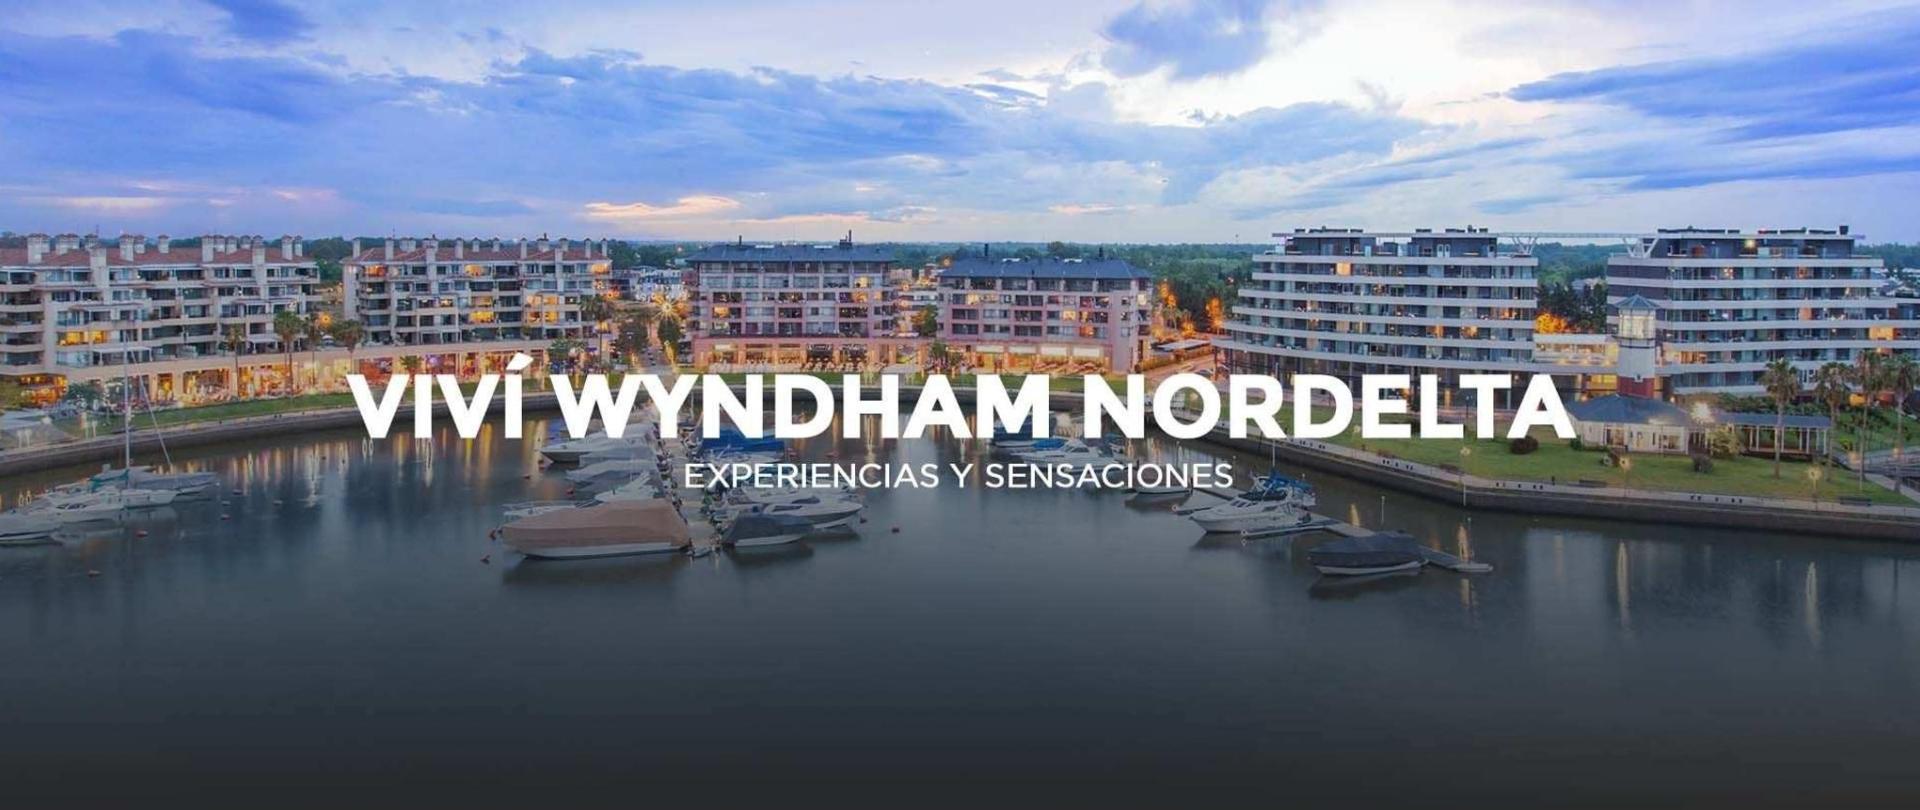 Wyndham Nordelta Tigre - Buenos Aires